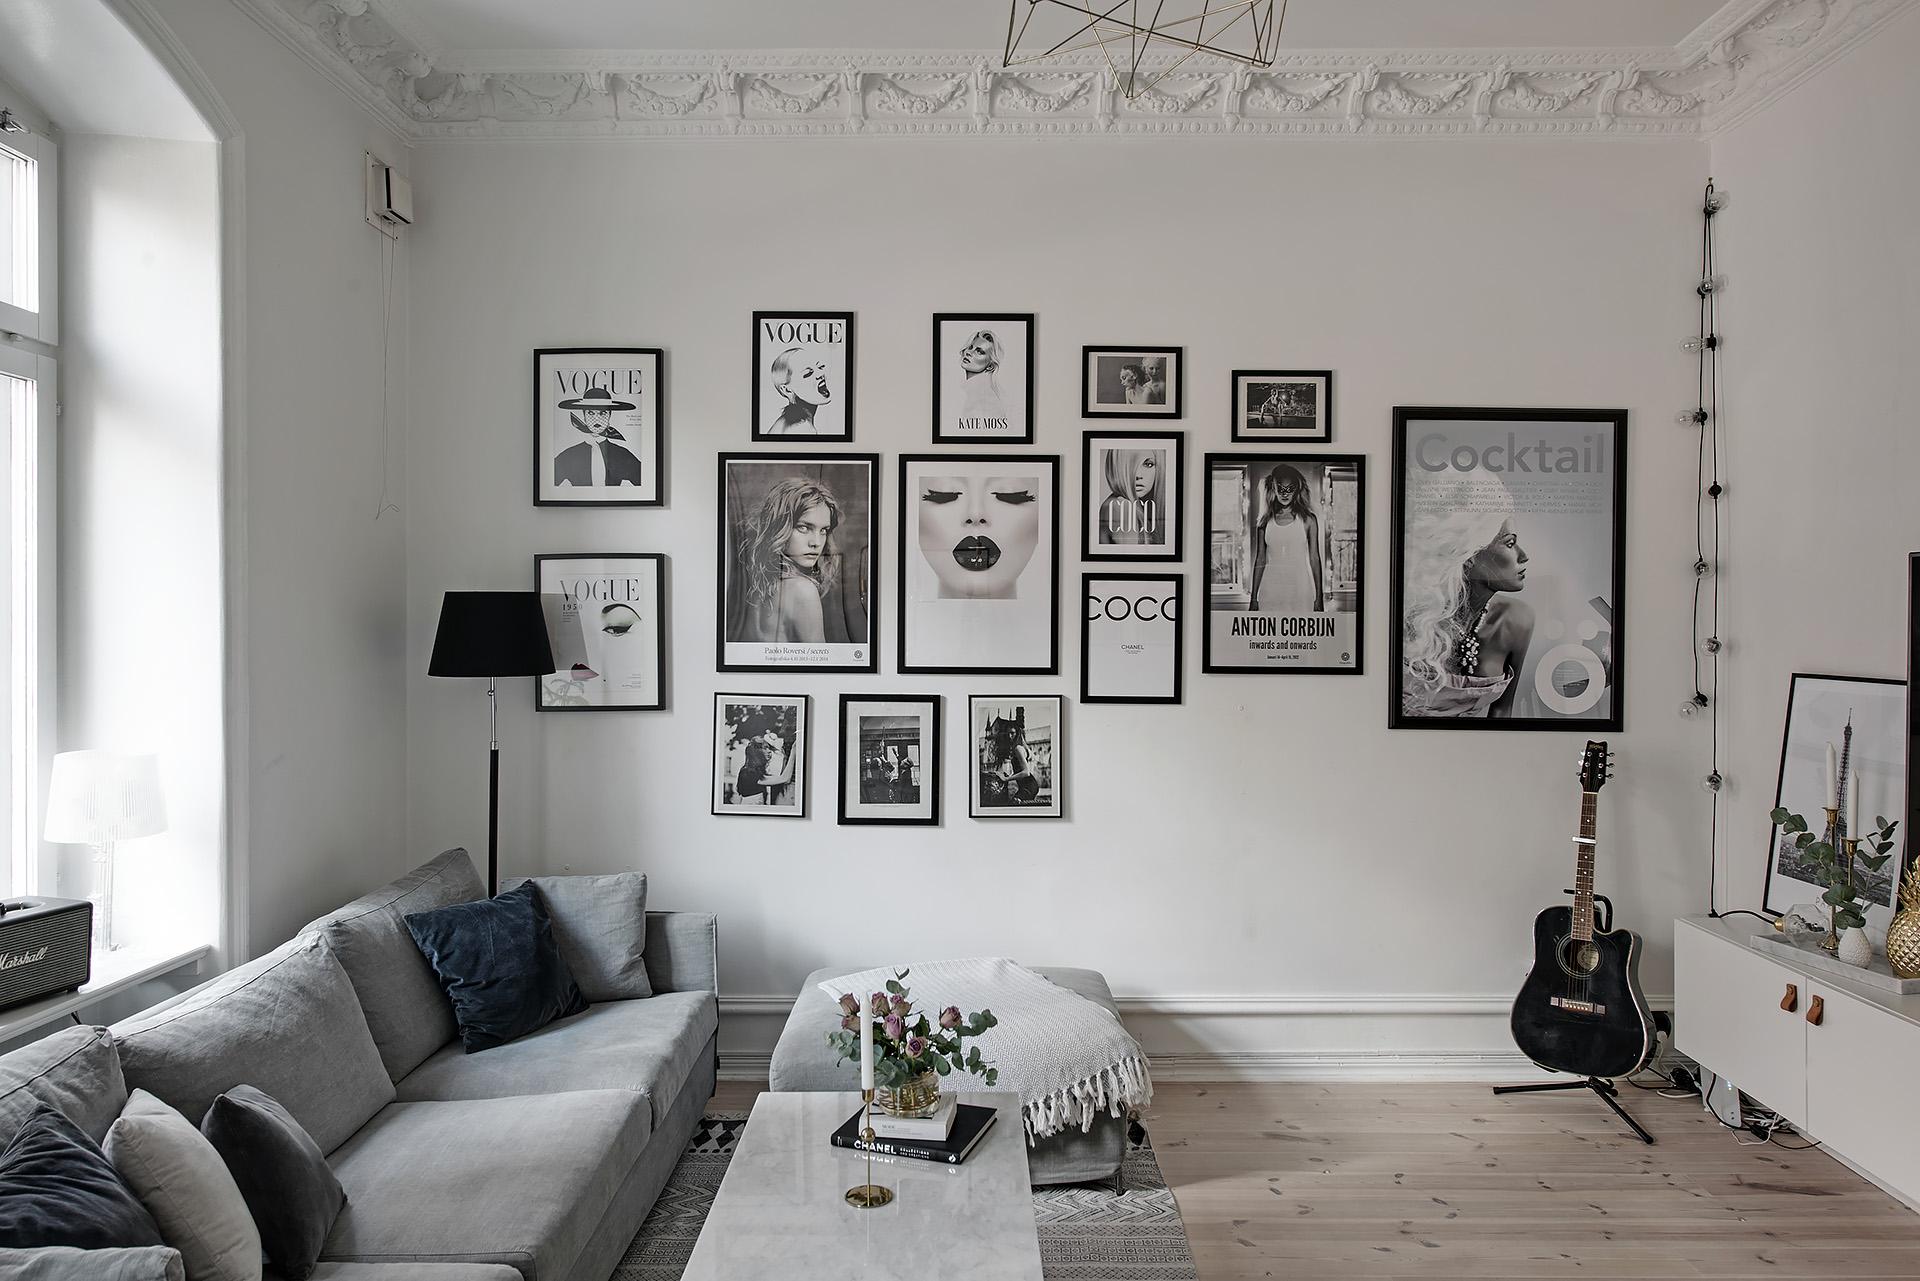 Como colocar los cuadros en una pared interiores chic - Como colocar los cuadros ...